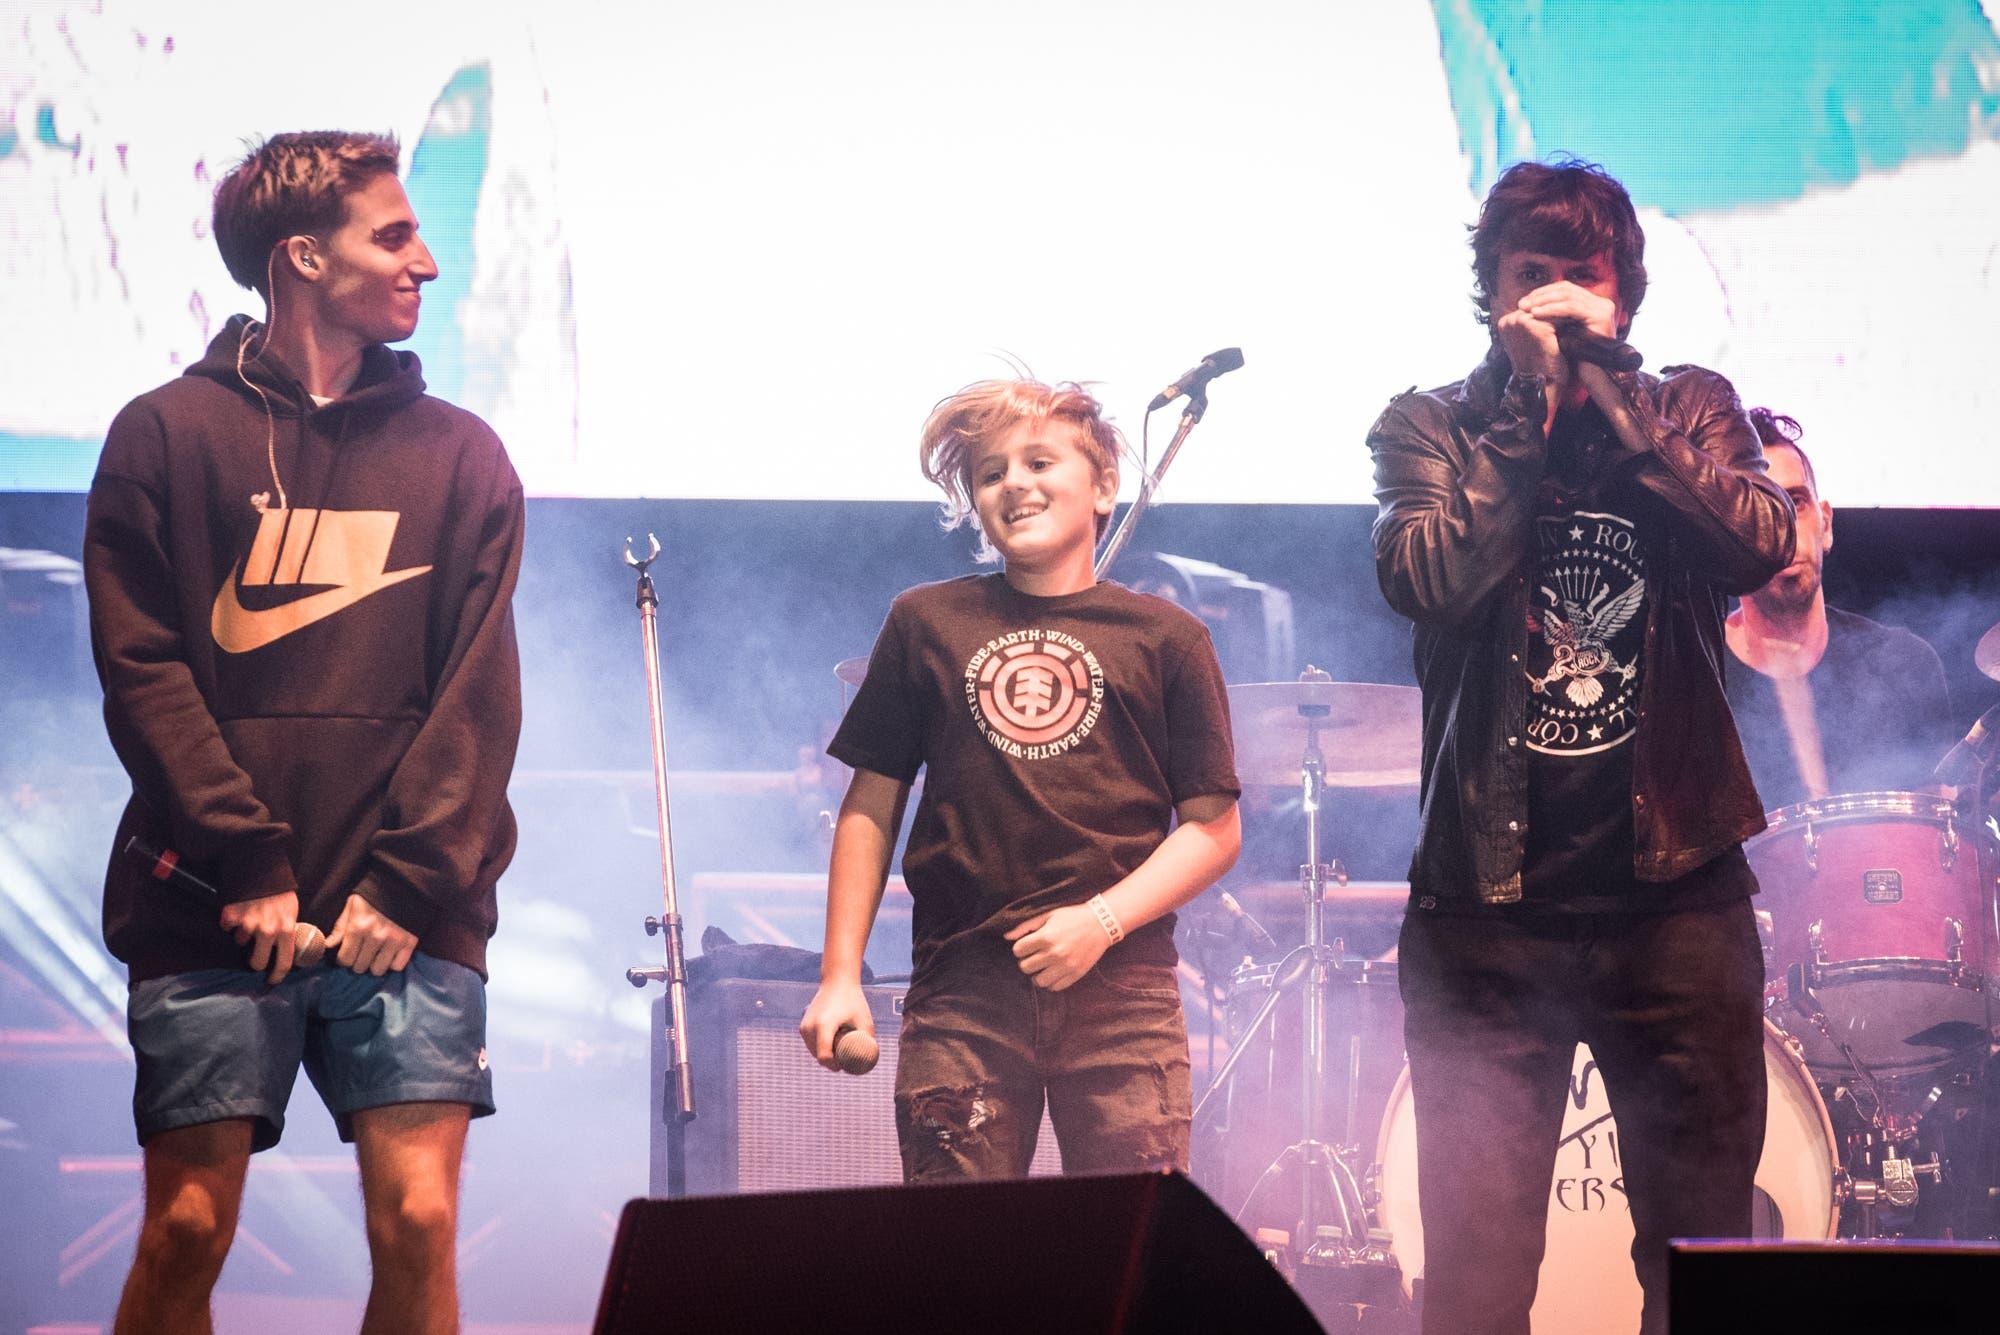 Las mejores fotos del Cosquín Rock 2020